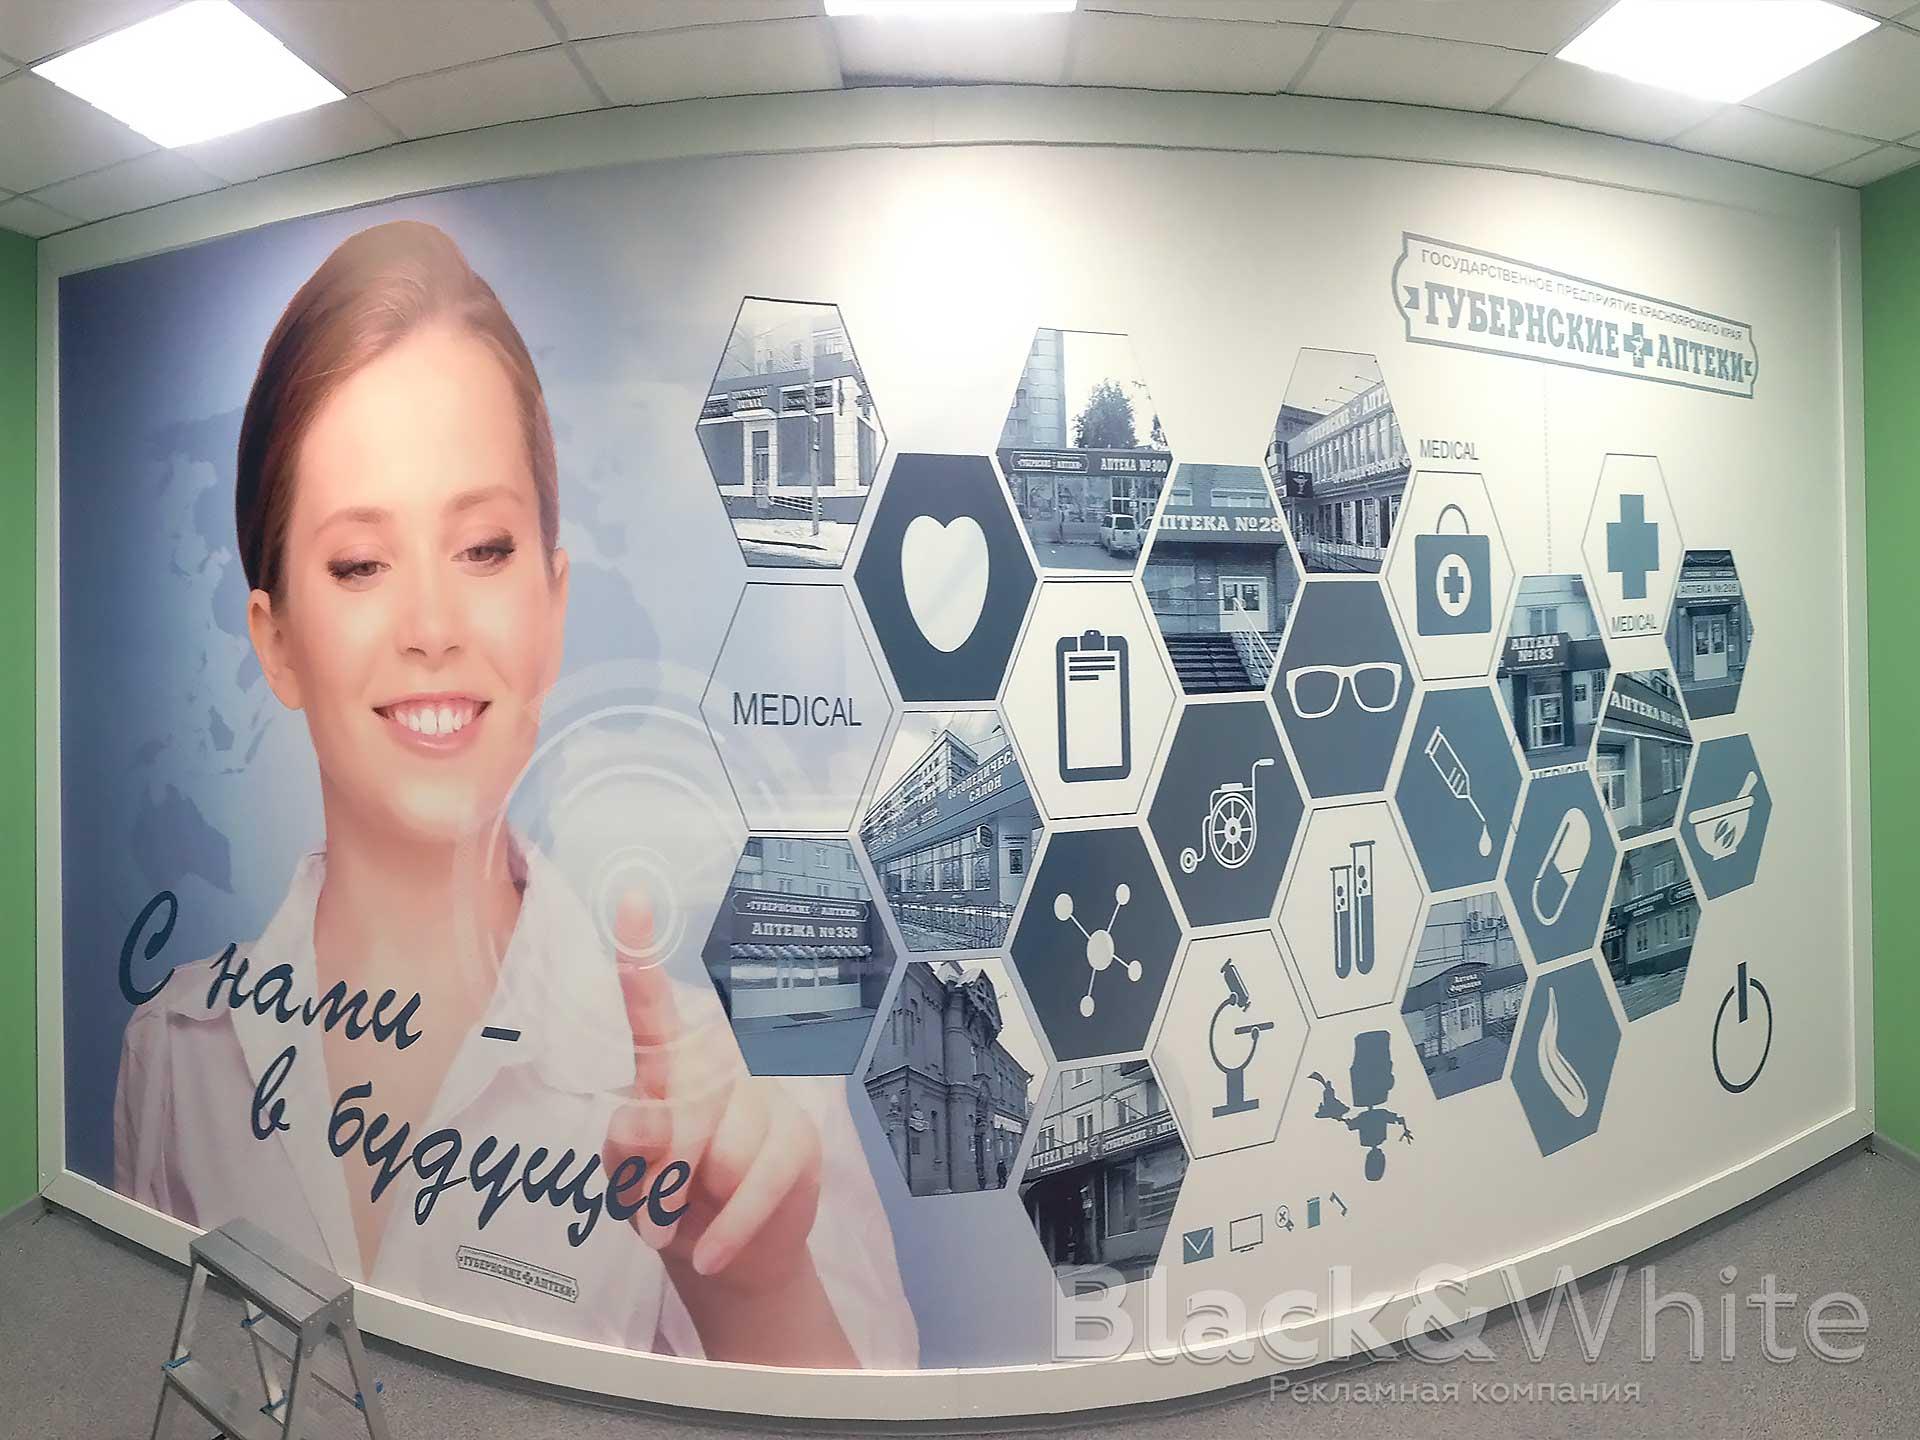 Баннерные-растяжки-в-помещении-баннер-на-стене-изготовление-Красноярск.jpg